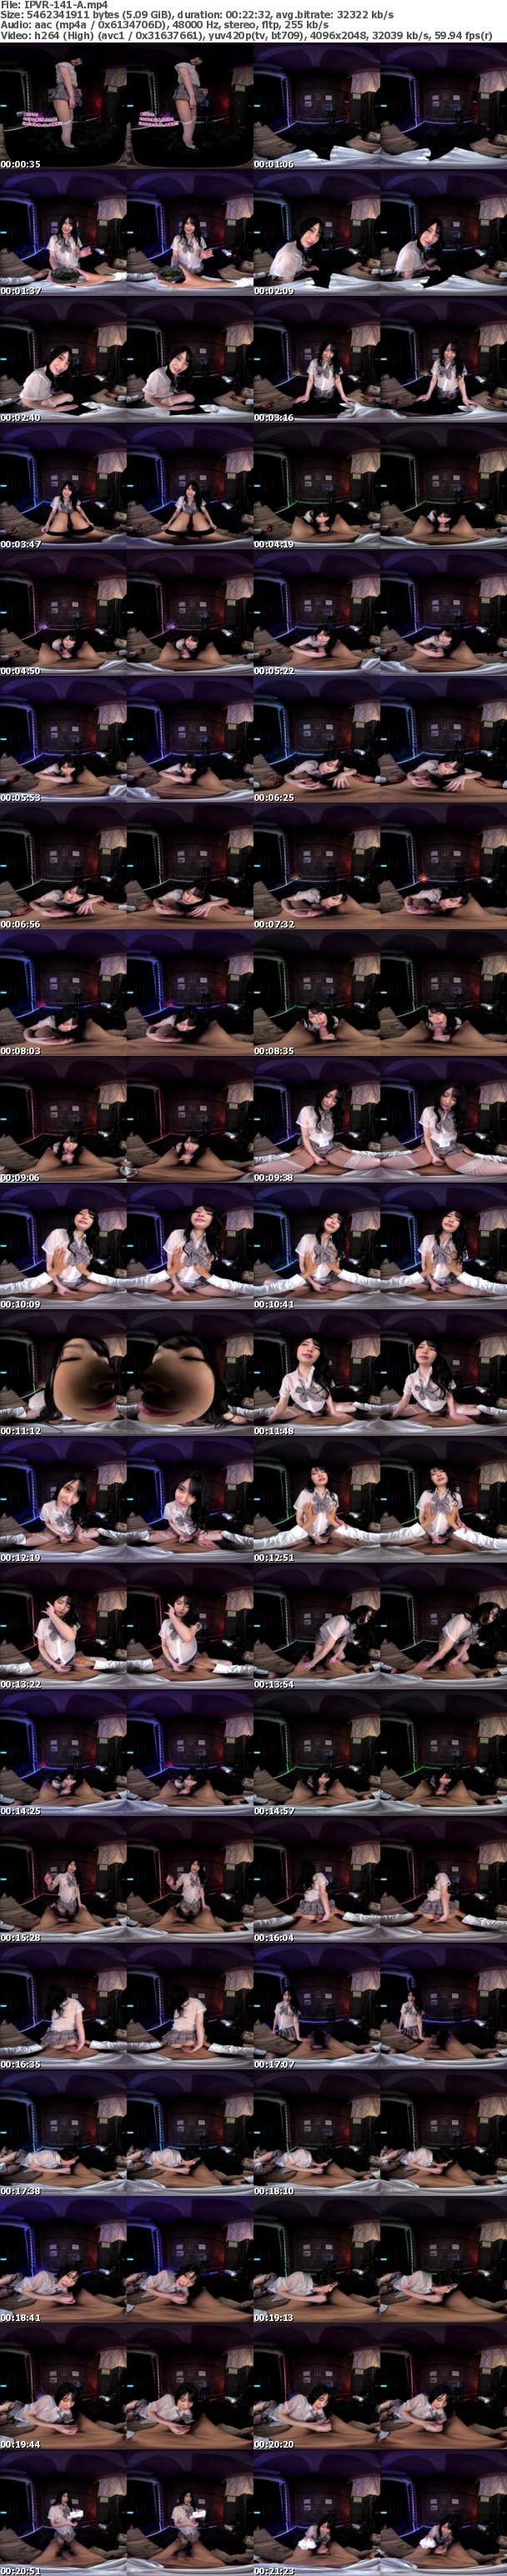 (VR) IPVR-141 リピート通いで本番させてくれる!? 超ミニスカ透け制服ピンサロ嬢と本番!? VR 「イイこと(挿入)したいな?」 藤井いよな